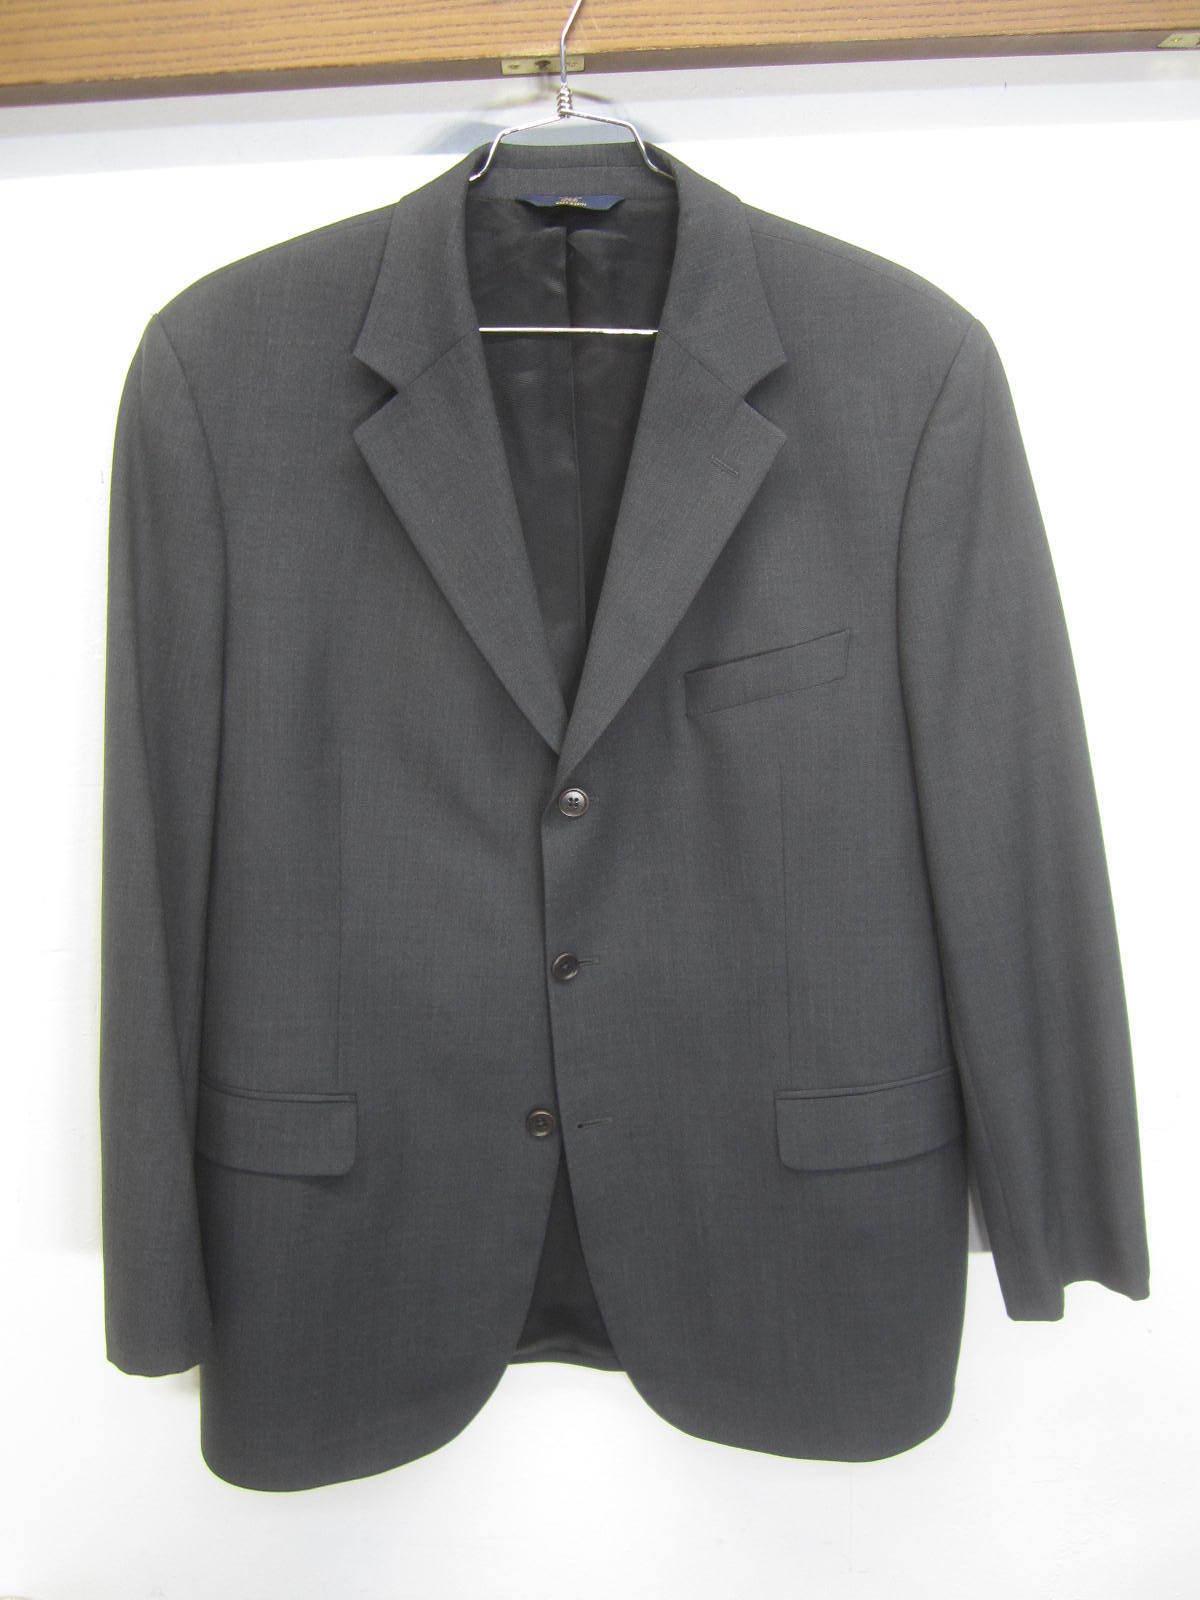 Vtg Brooks Brothers 346 Blazer Sport Coat charcoal wool 3 btn sz 44R